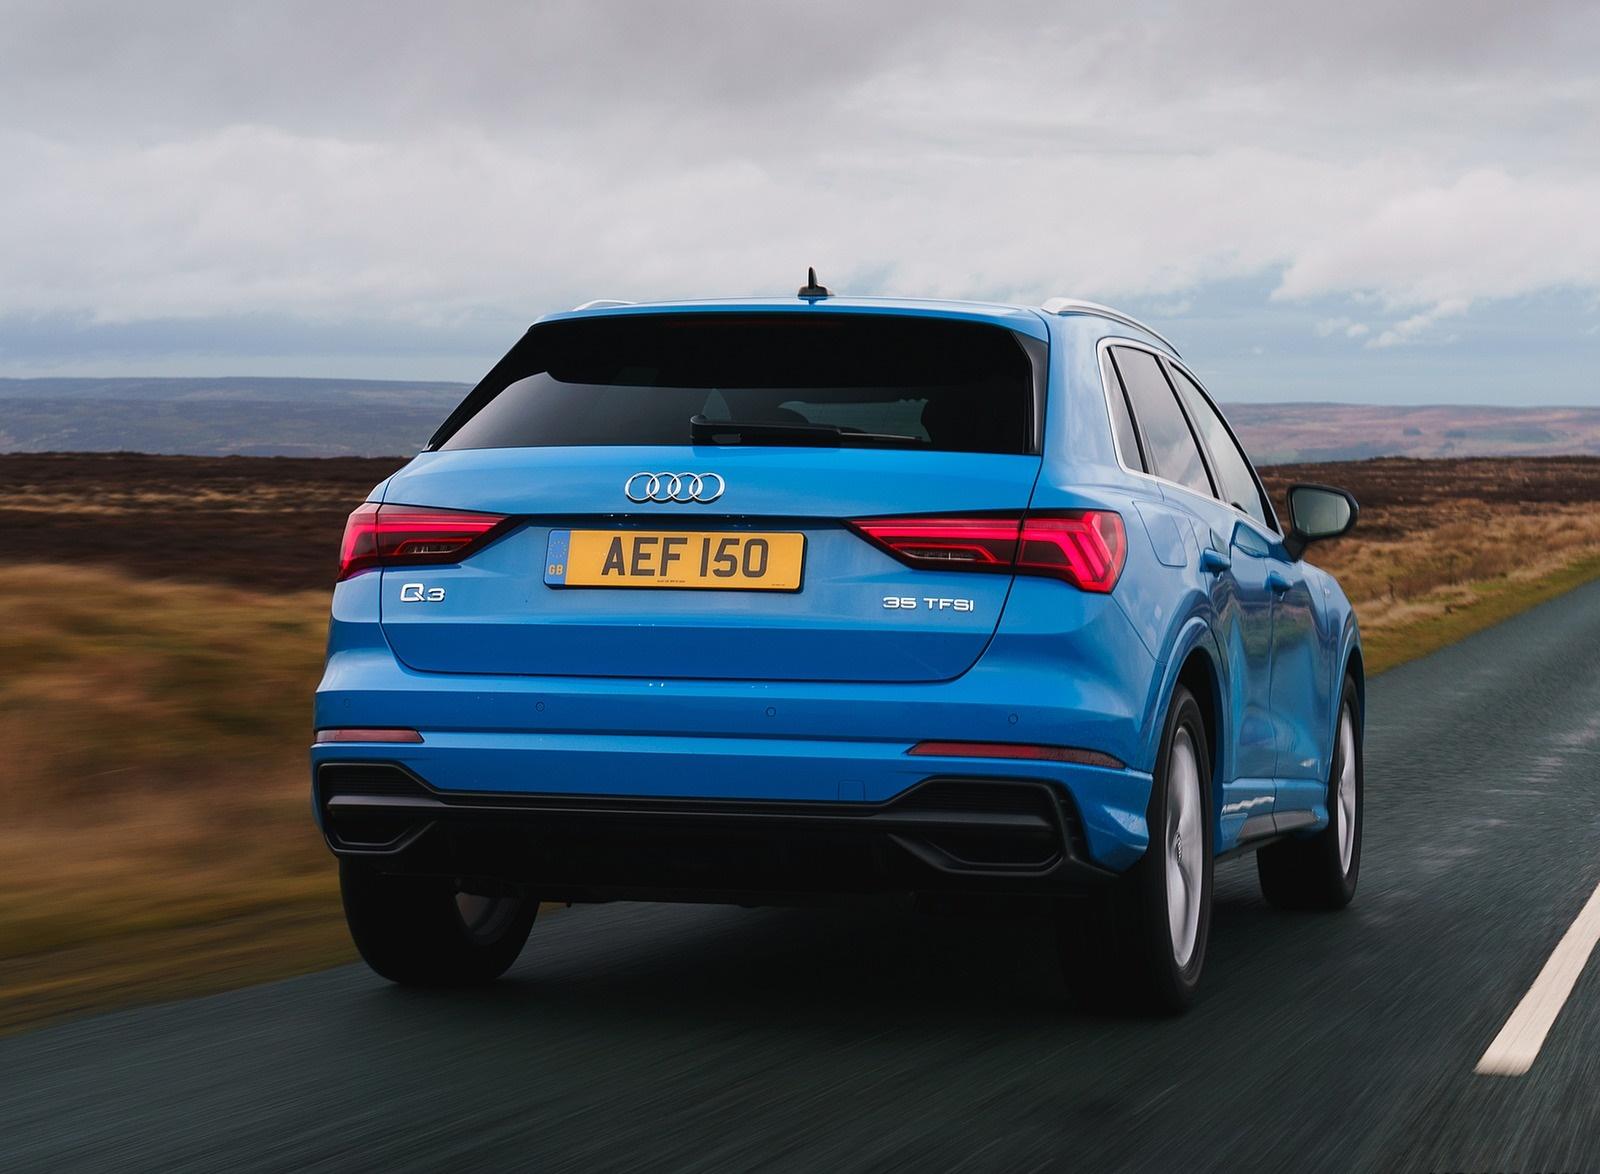 2019 Audi Q3 35 TFSI (UK-Spec) Rear Wallpaper (9)